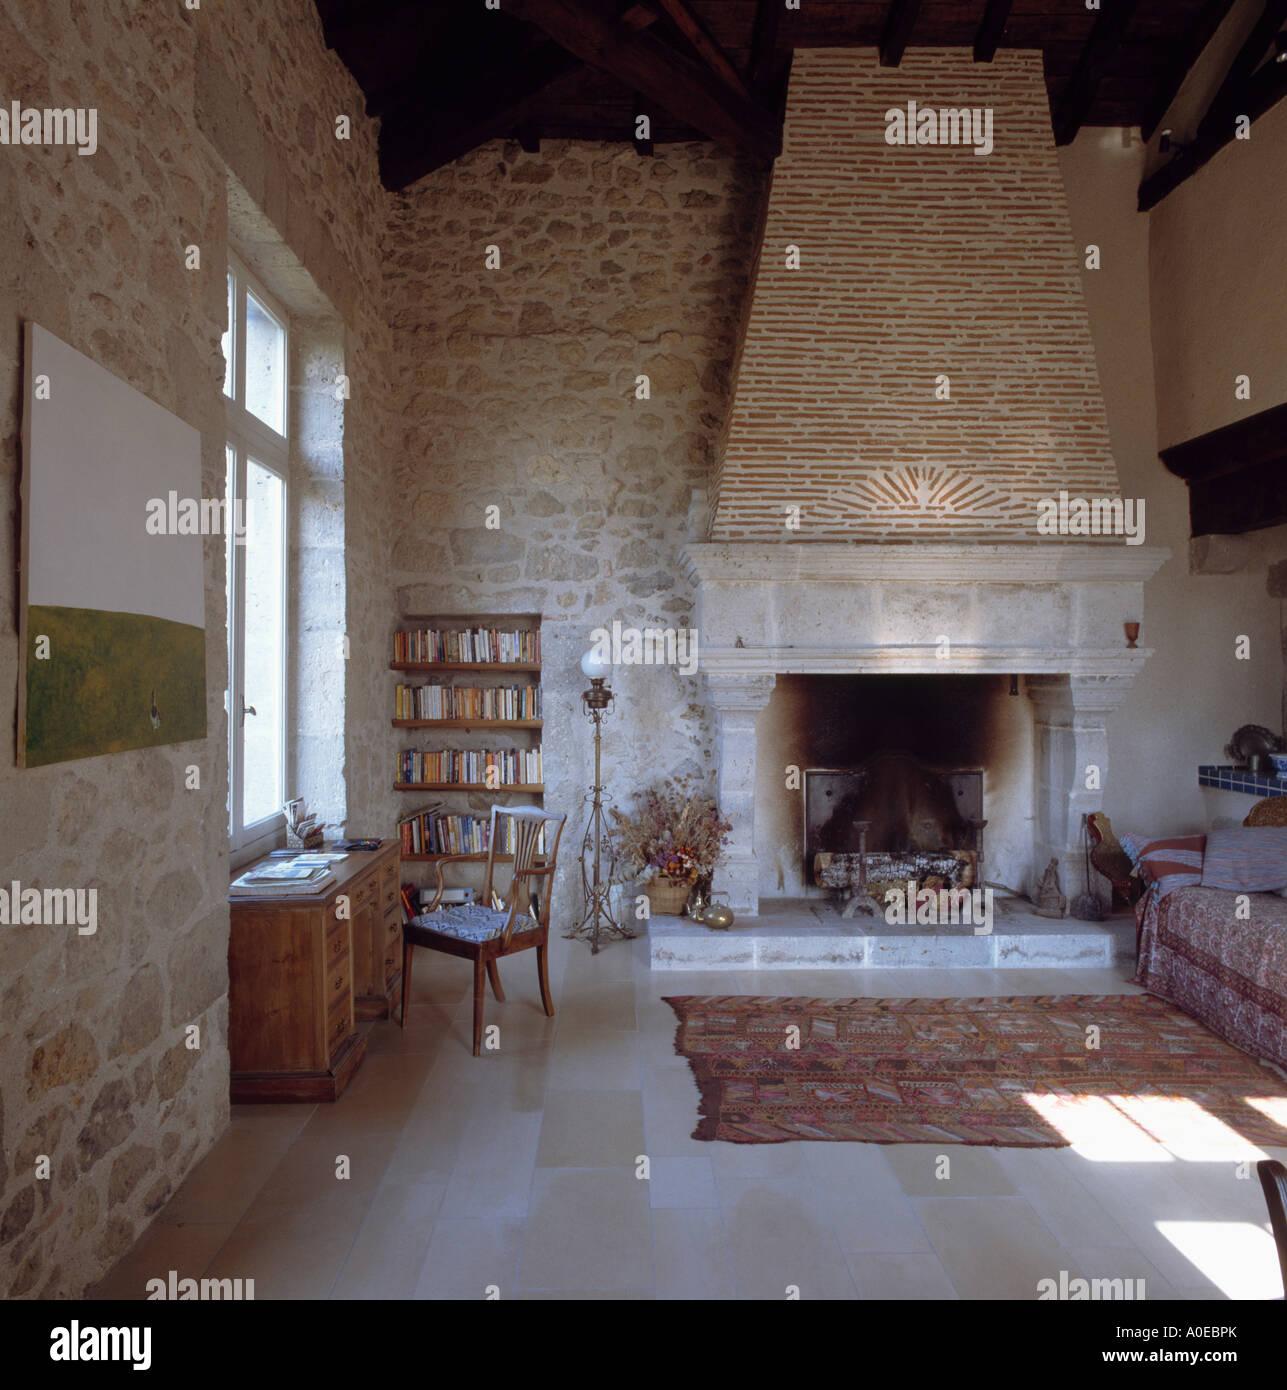 Grande camino in pietra nel paese soggiorno con pareti in ...